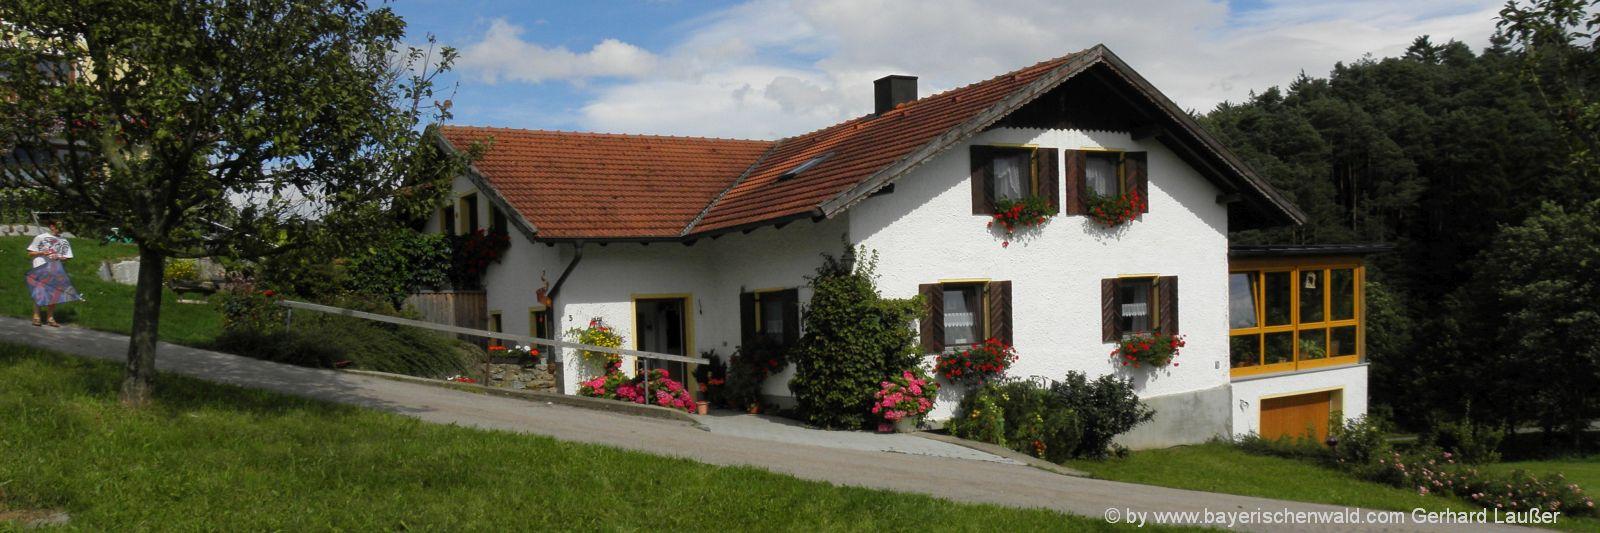 erlebnisbauernhof-bayern-ferienhaus-bayerischer-wald-unterkunft